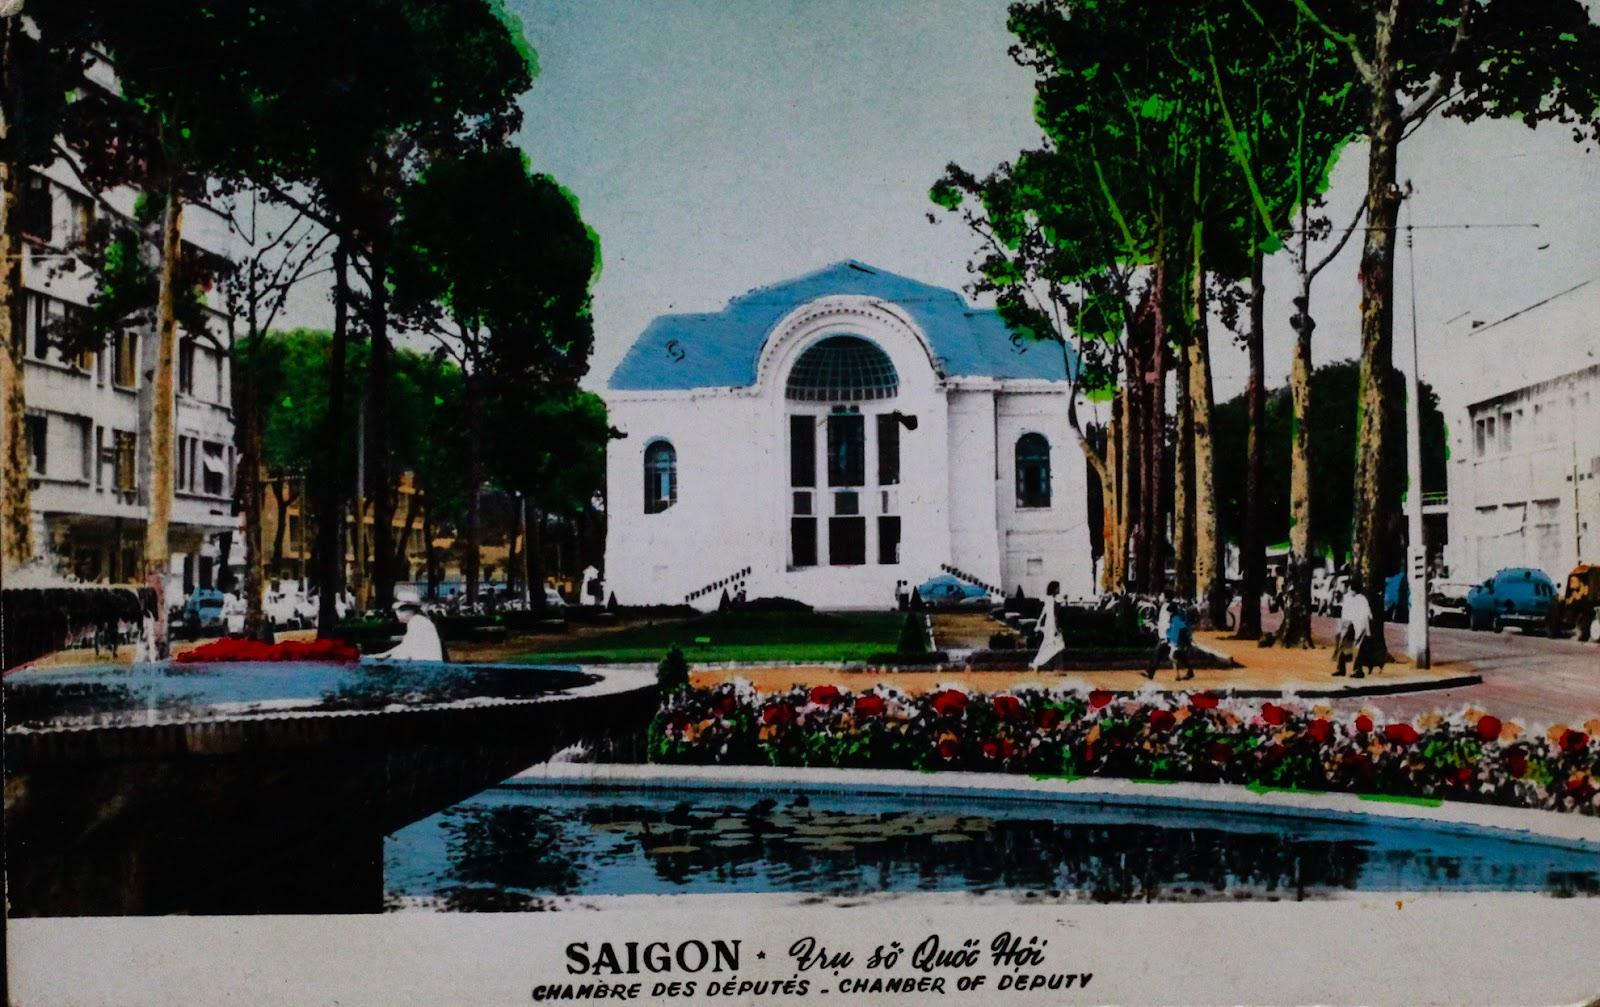 Nhà hát Thành phố được xây dựng năm 1898 tại vị trí Công trường Đồng hồ (Place de I'Horloge) tức quảng trường trước nhà hát hiện nay, đến đầu 1900 thì hoàn thành. Năm 1954 nơi đây dùng làm điểm tạm trú cho thường dân Pháp di cư từ Bắc vào Nam theo Hiệp định Geneve 1954. Năm 1955 công trình được chuyển thành trụ sở Quốc hội (Hạ nghị viện). Kể từ 1975 Nhà hát trở lại chức năng ban đầu để biểu diễn nghệ thuật và được gọi là Nhà hát Thành phố như hiện nay.